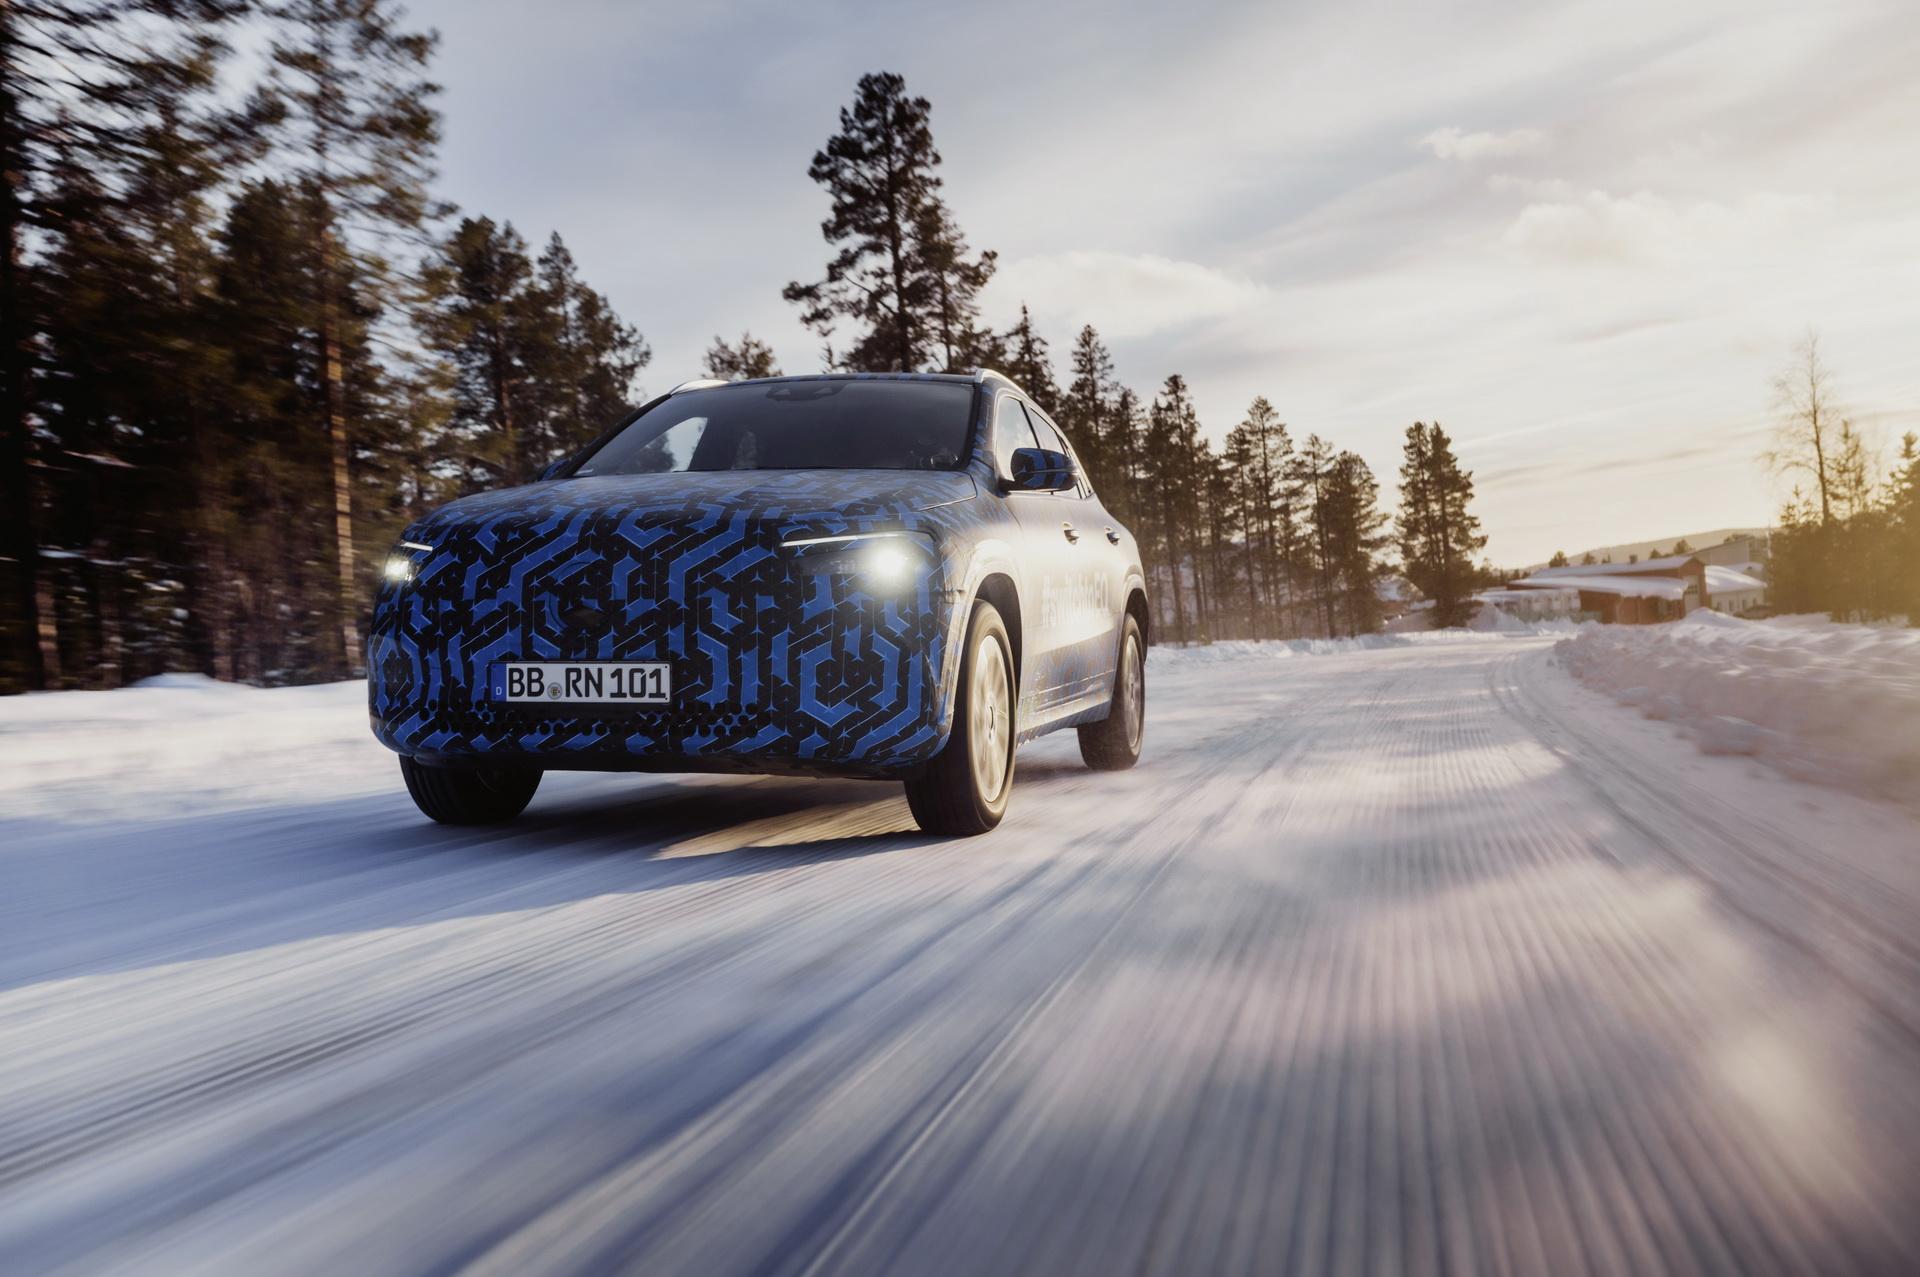 全新奔驰入门电动车EQA官方测试照发布 国产后预计35万起售